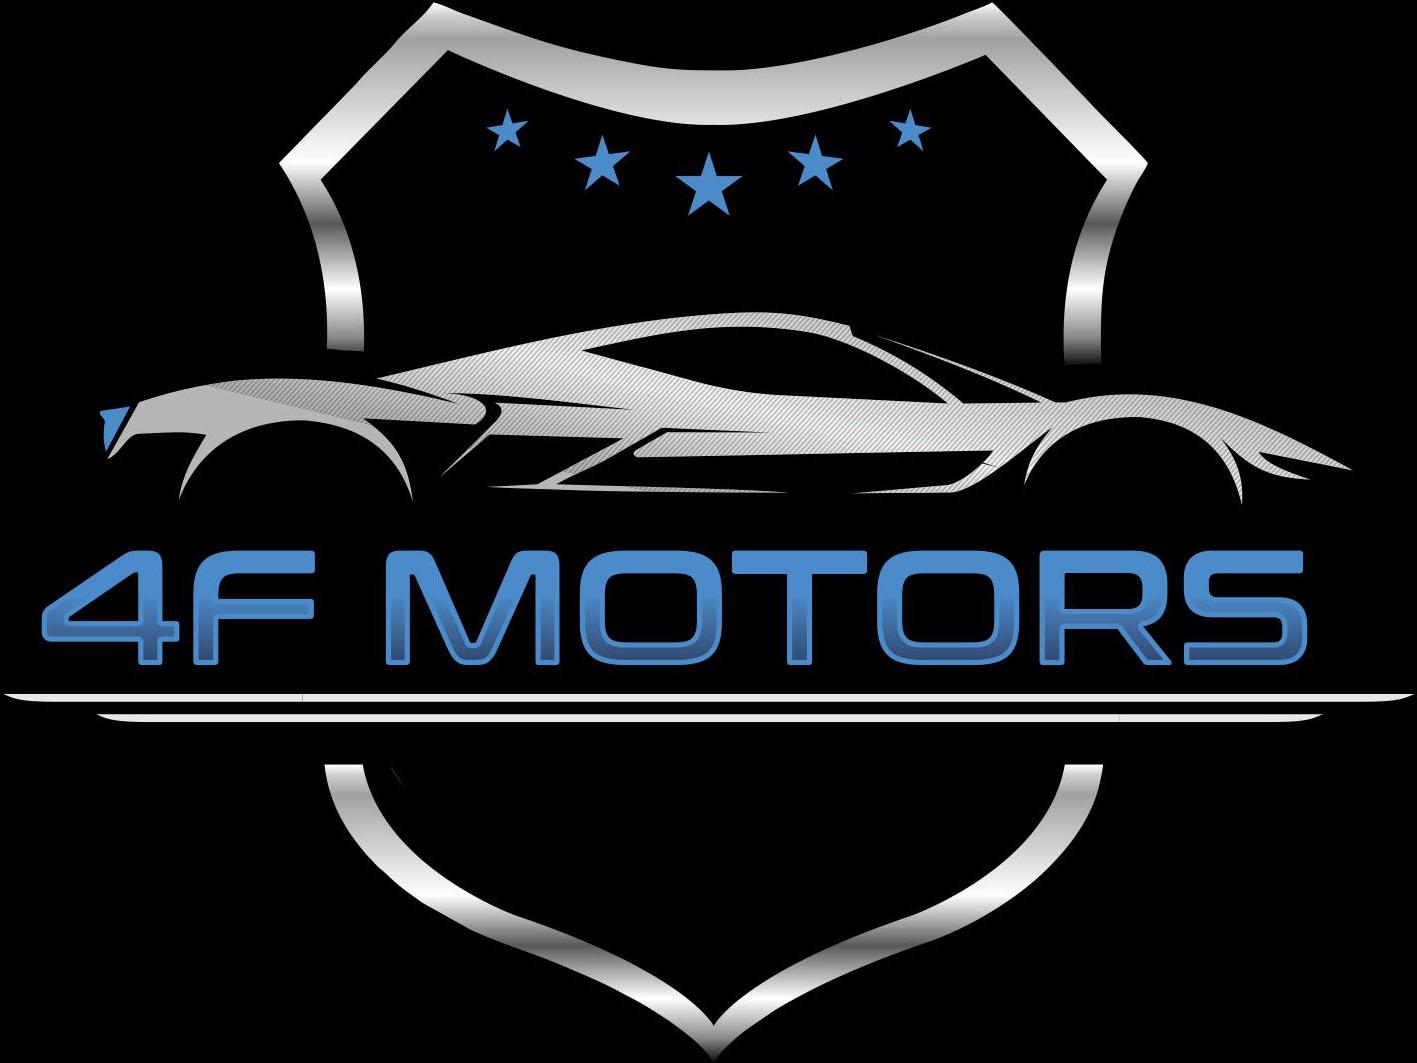 4F MOTORS